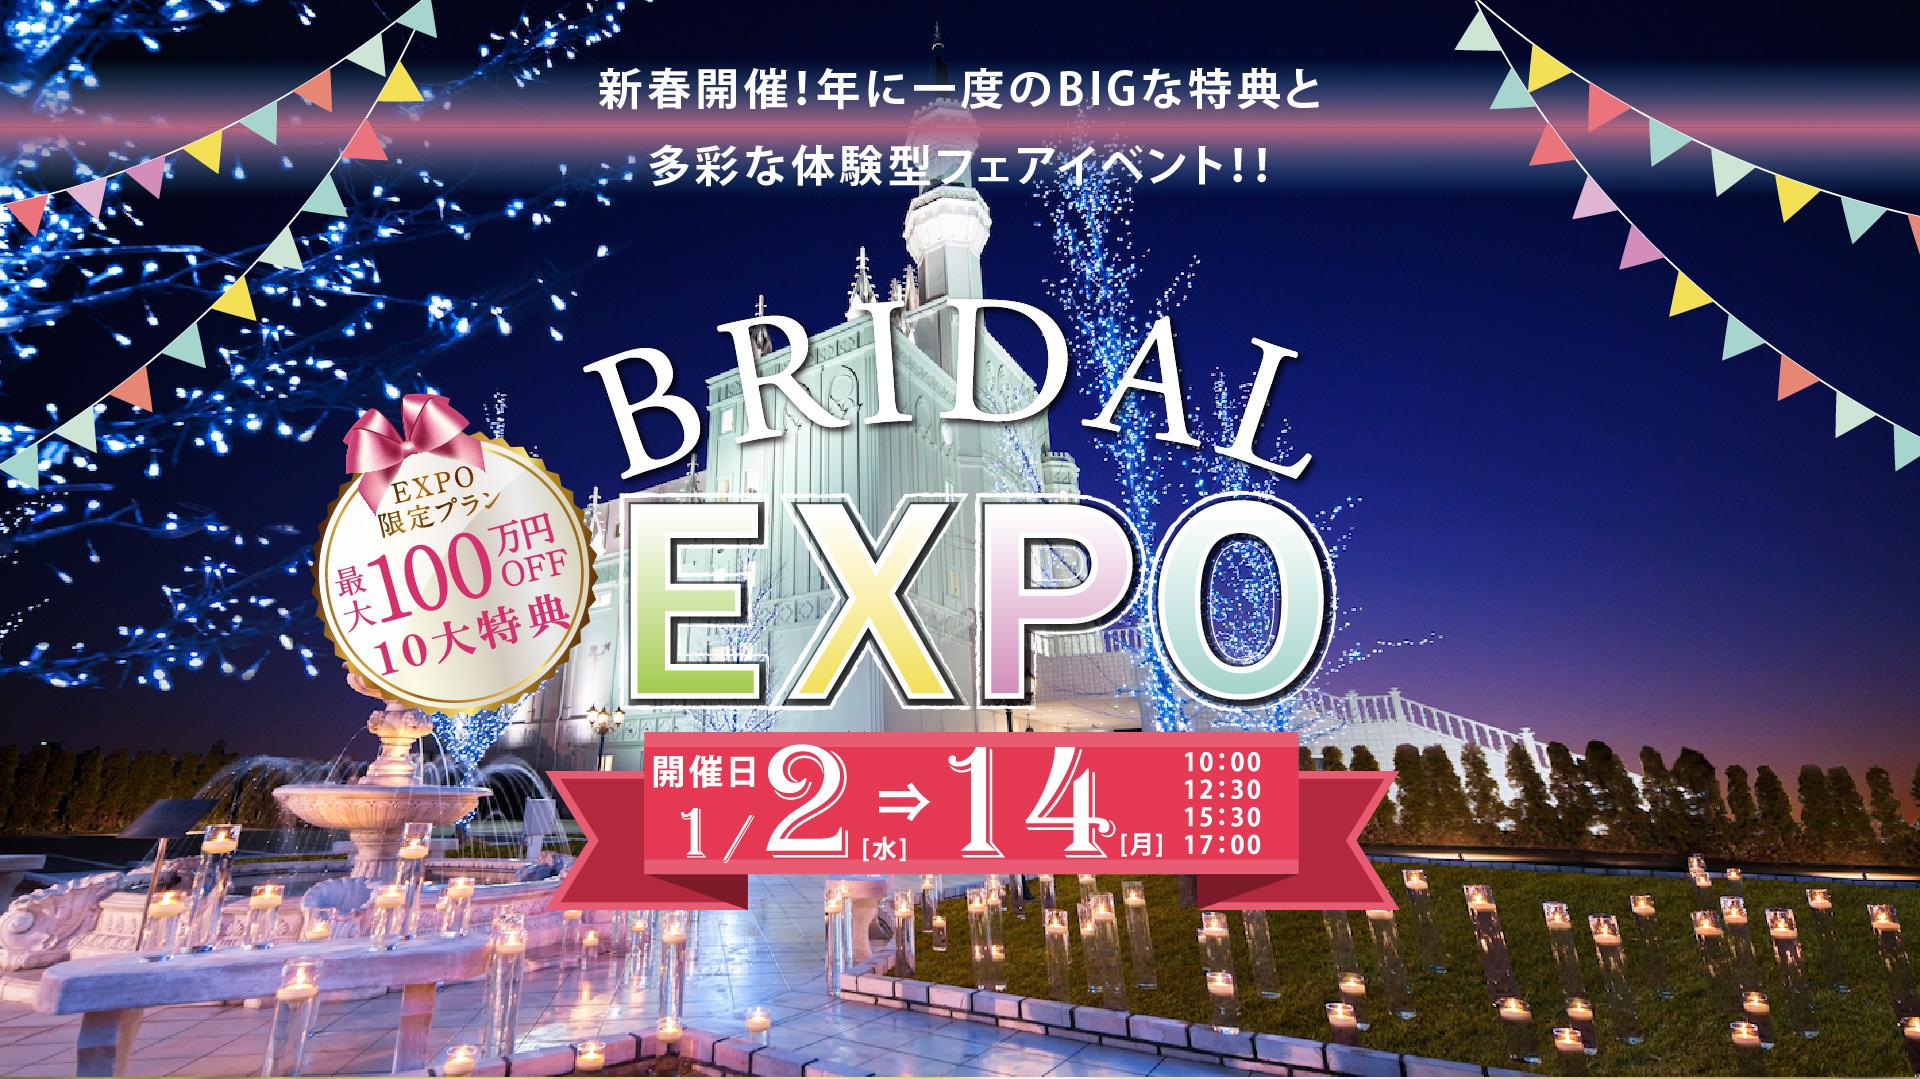 新春ブライダルEXPO開催!!